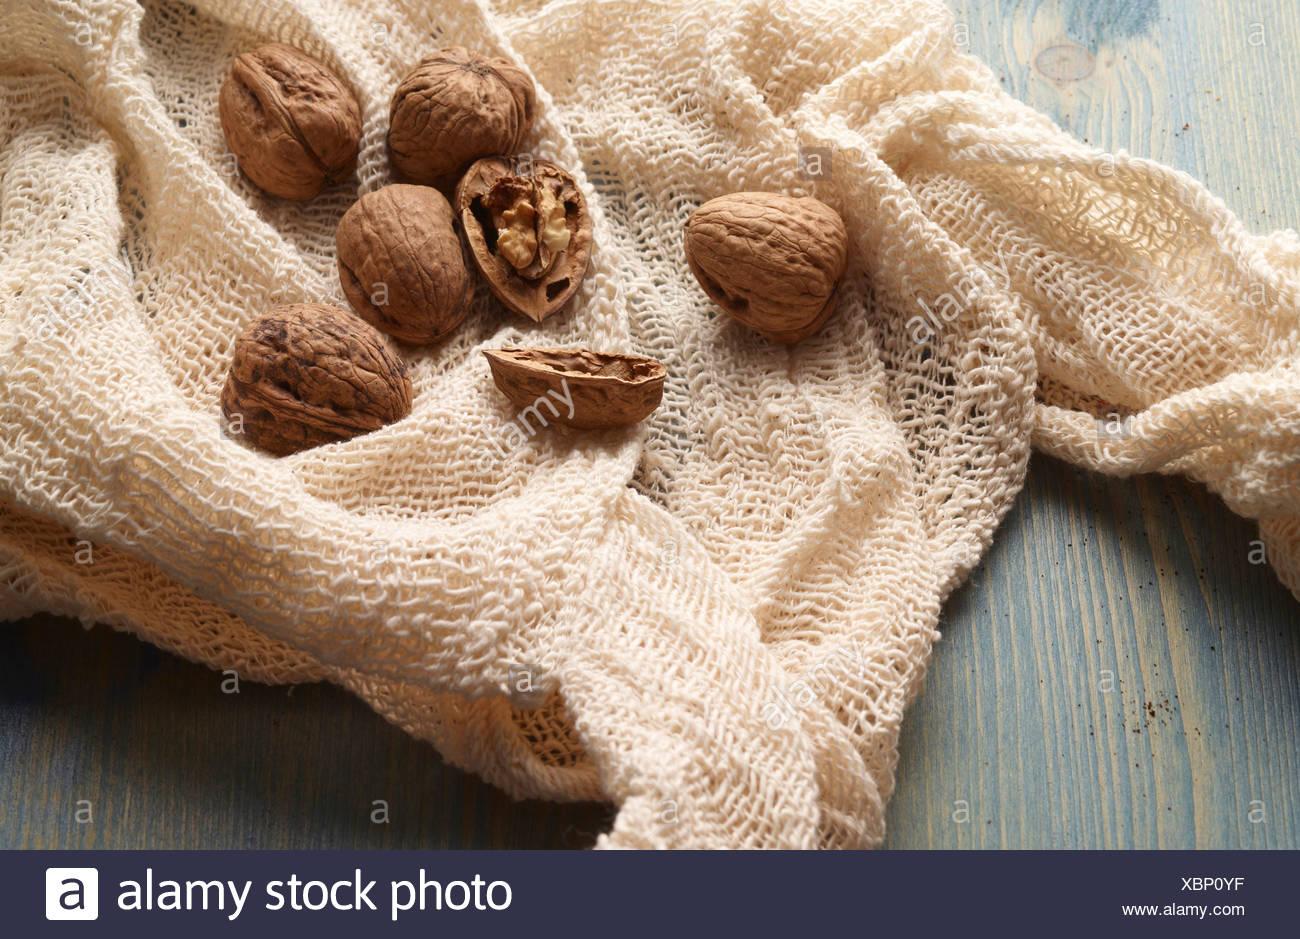 Les noix en bonneterie sur table Photo Stock